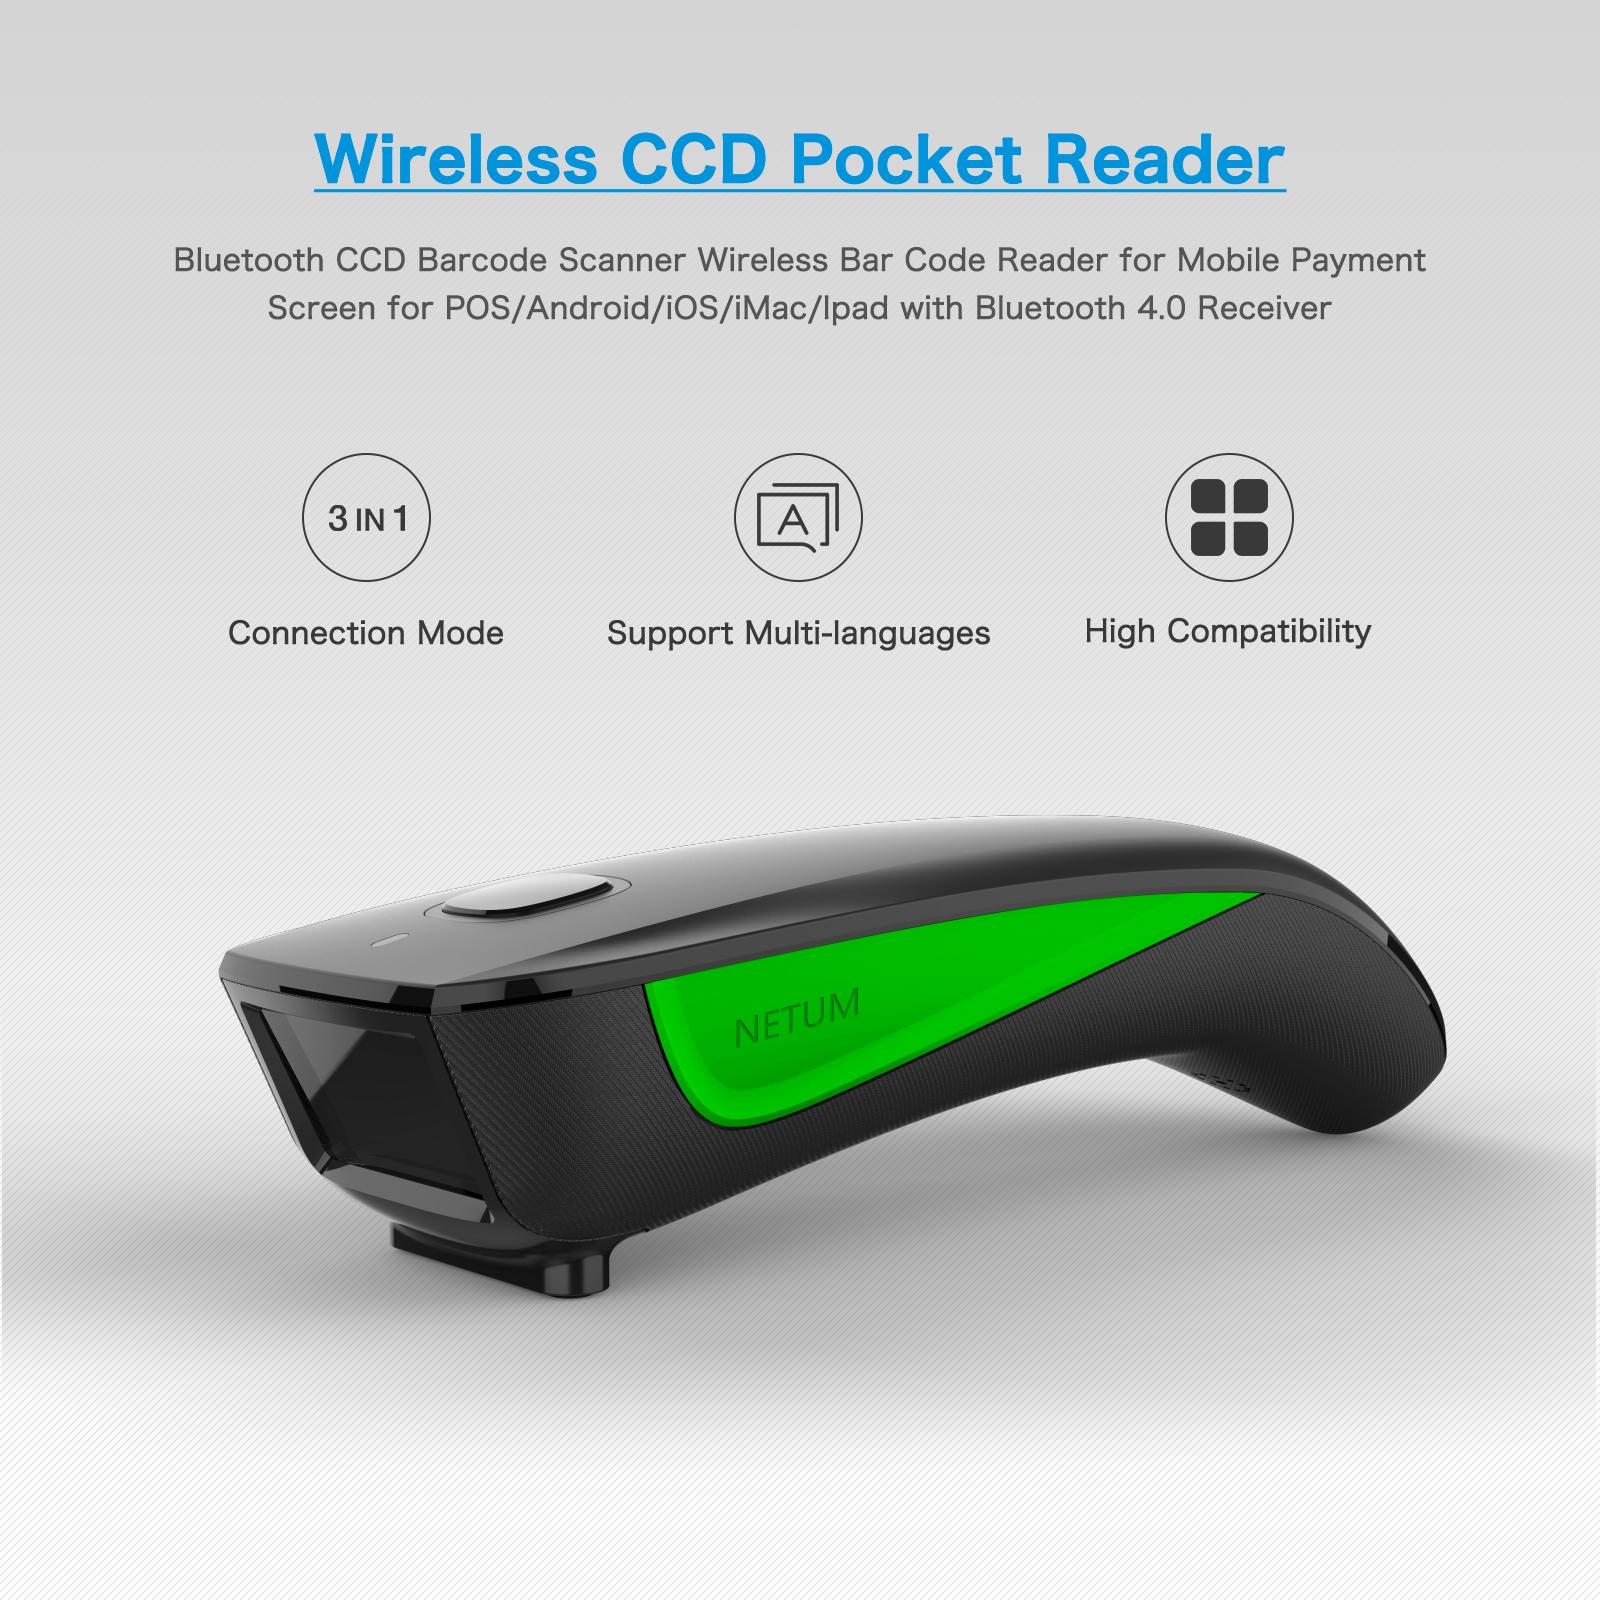 1D Bluetooth Wireless Barcode Reader